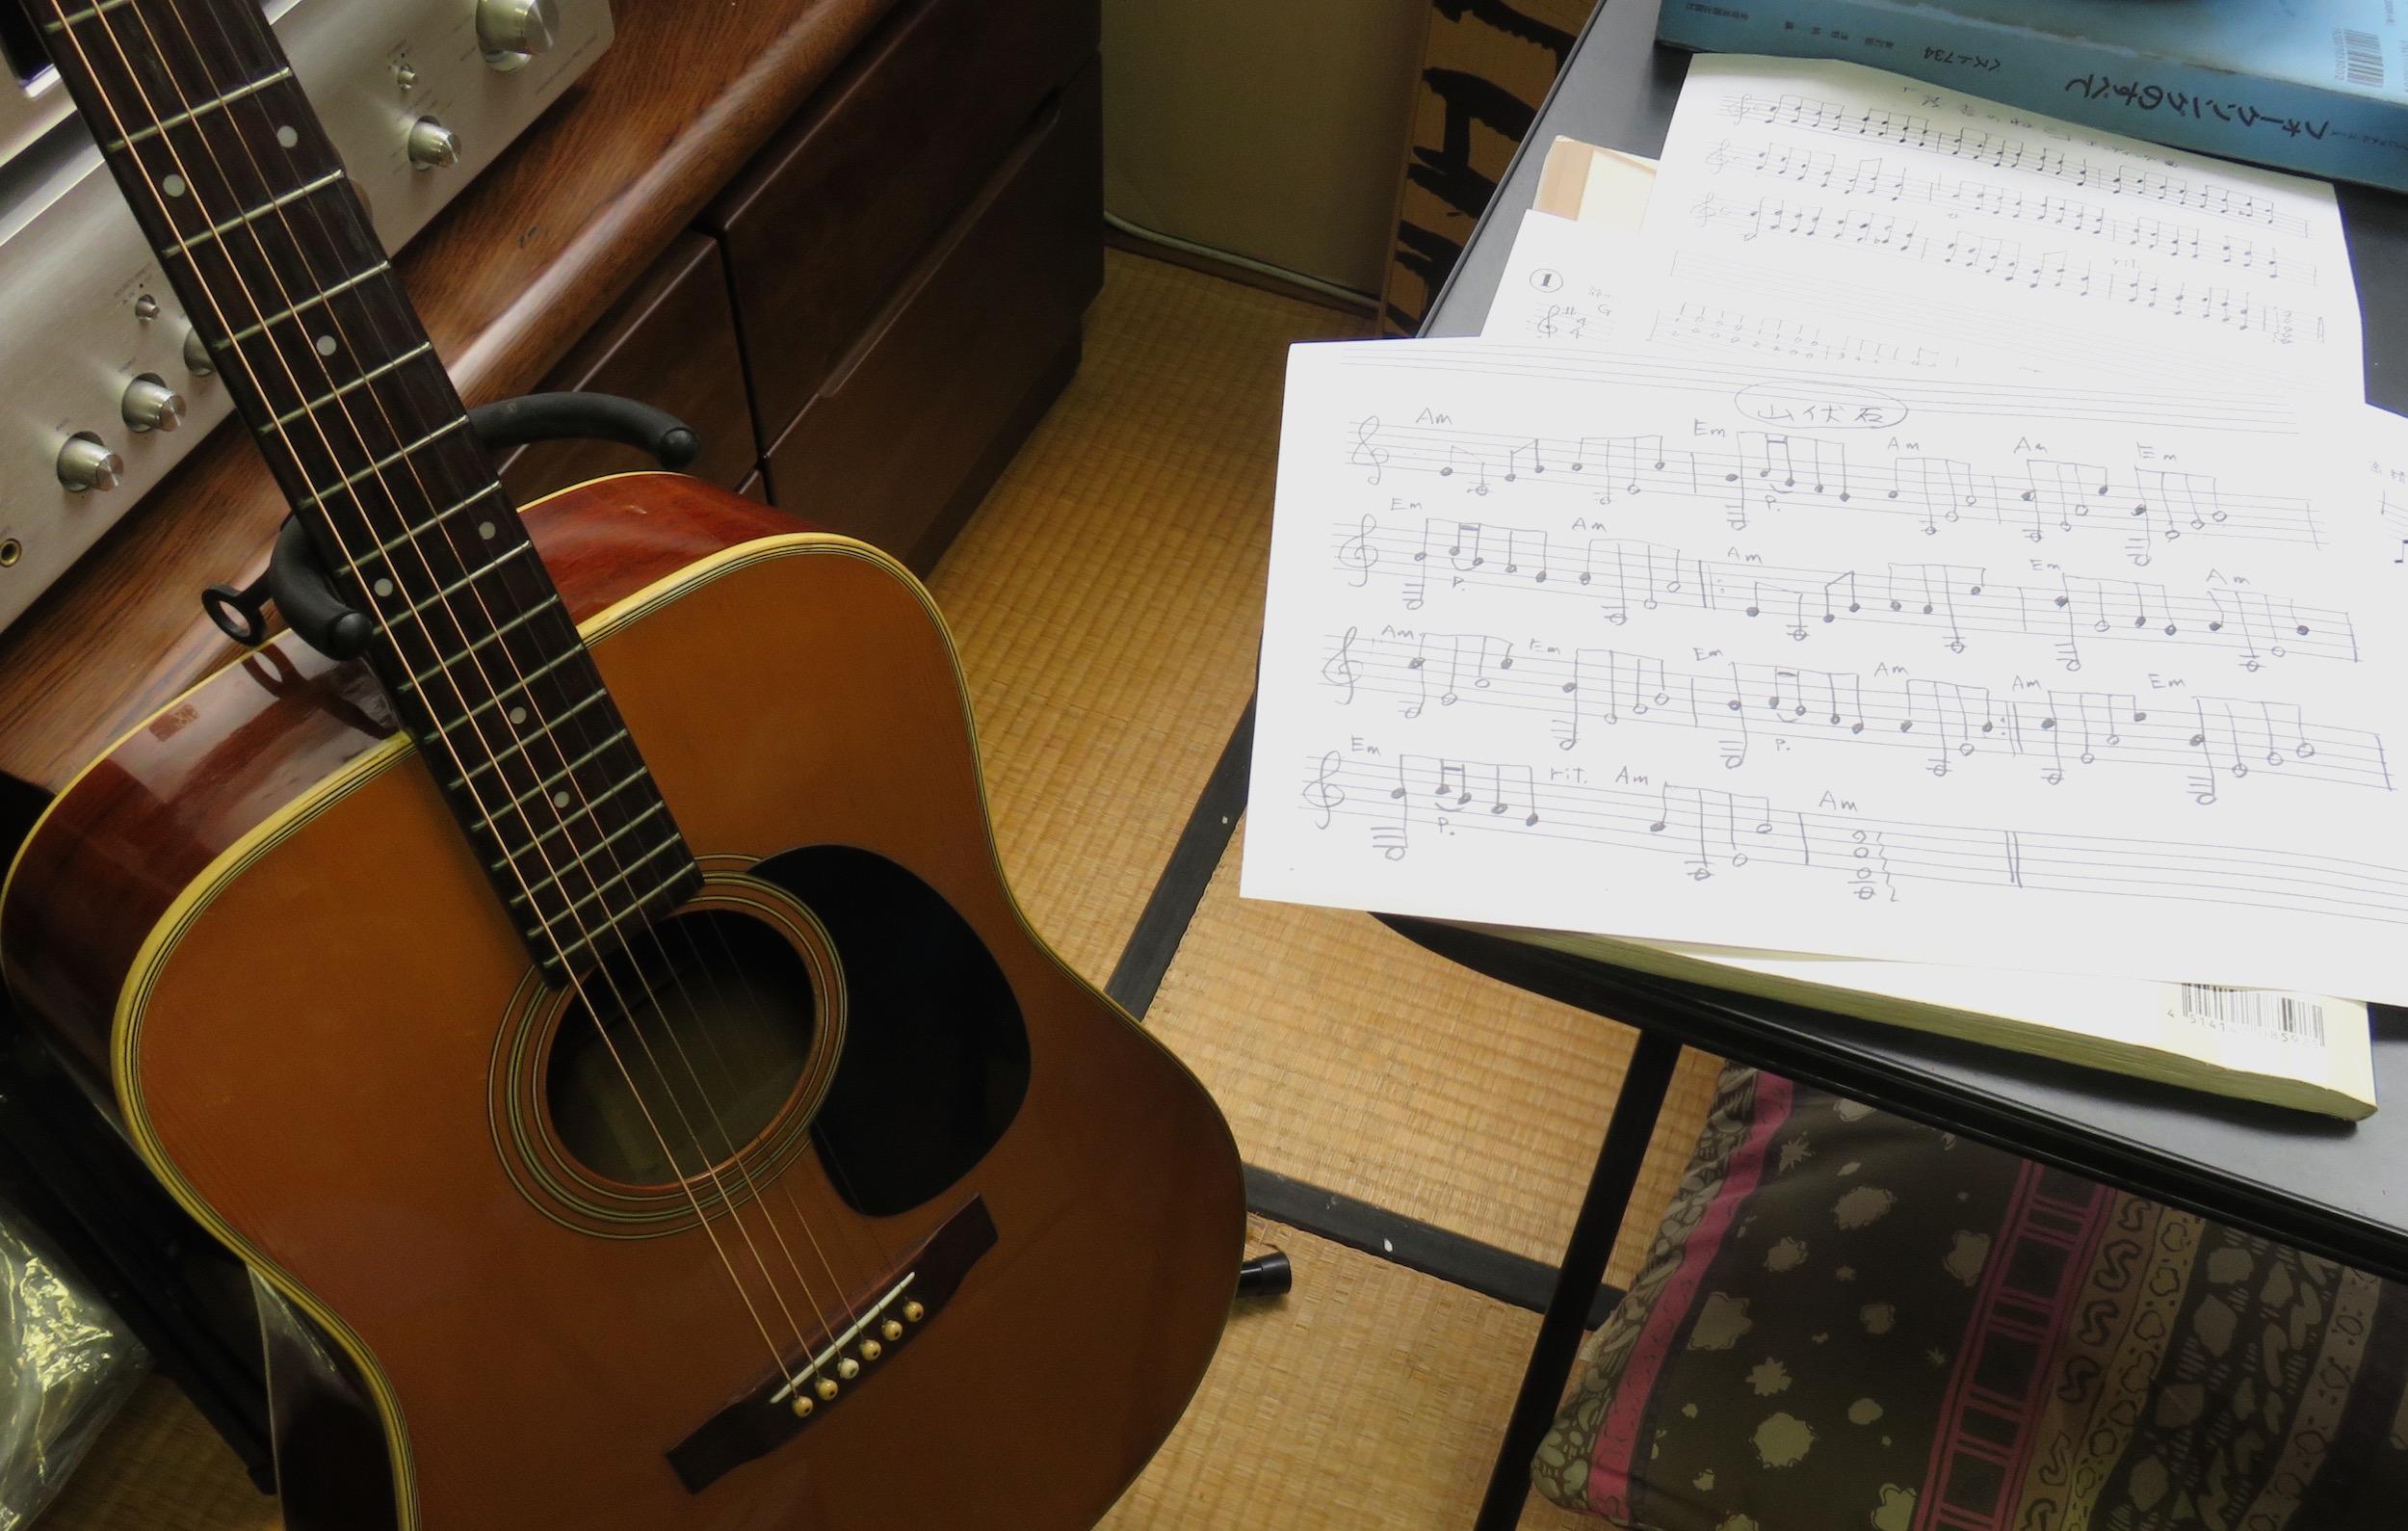 09ギターと譜面